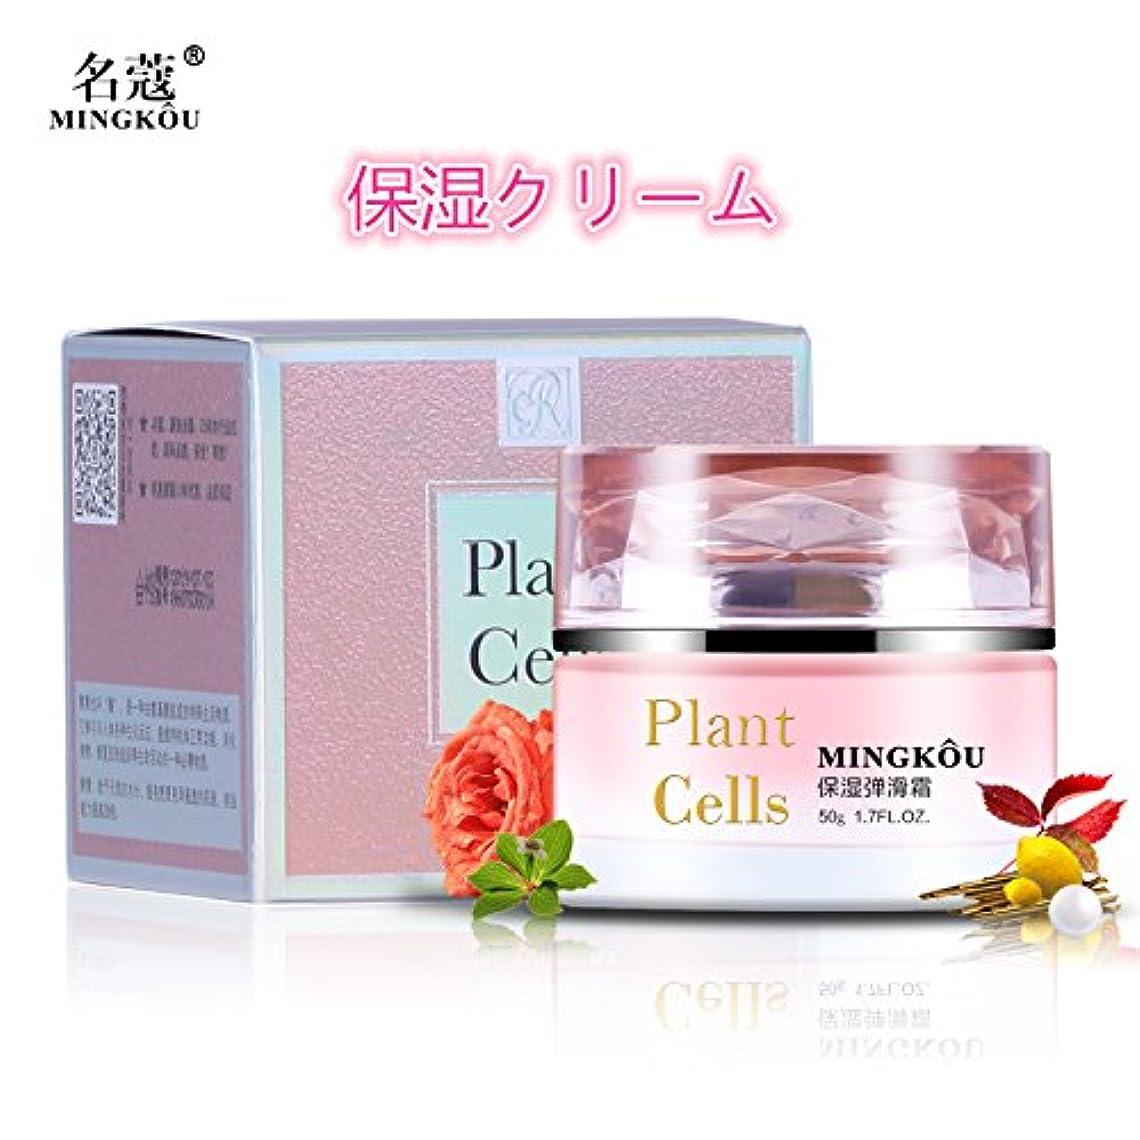 ブランド名ある影響する植物酵素モイスチャライジングクリーム (ピンク)